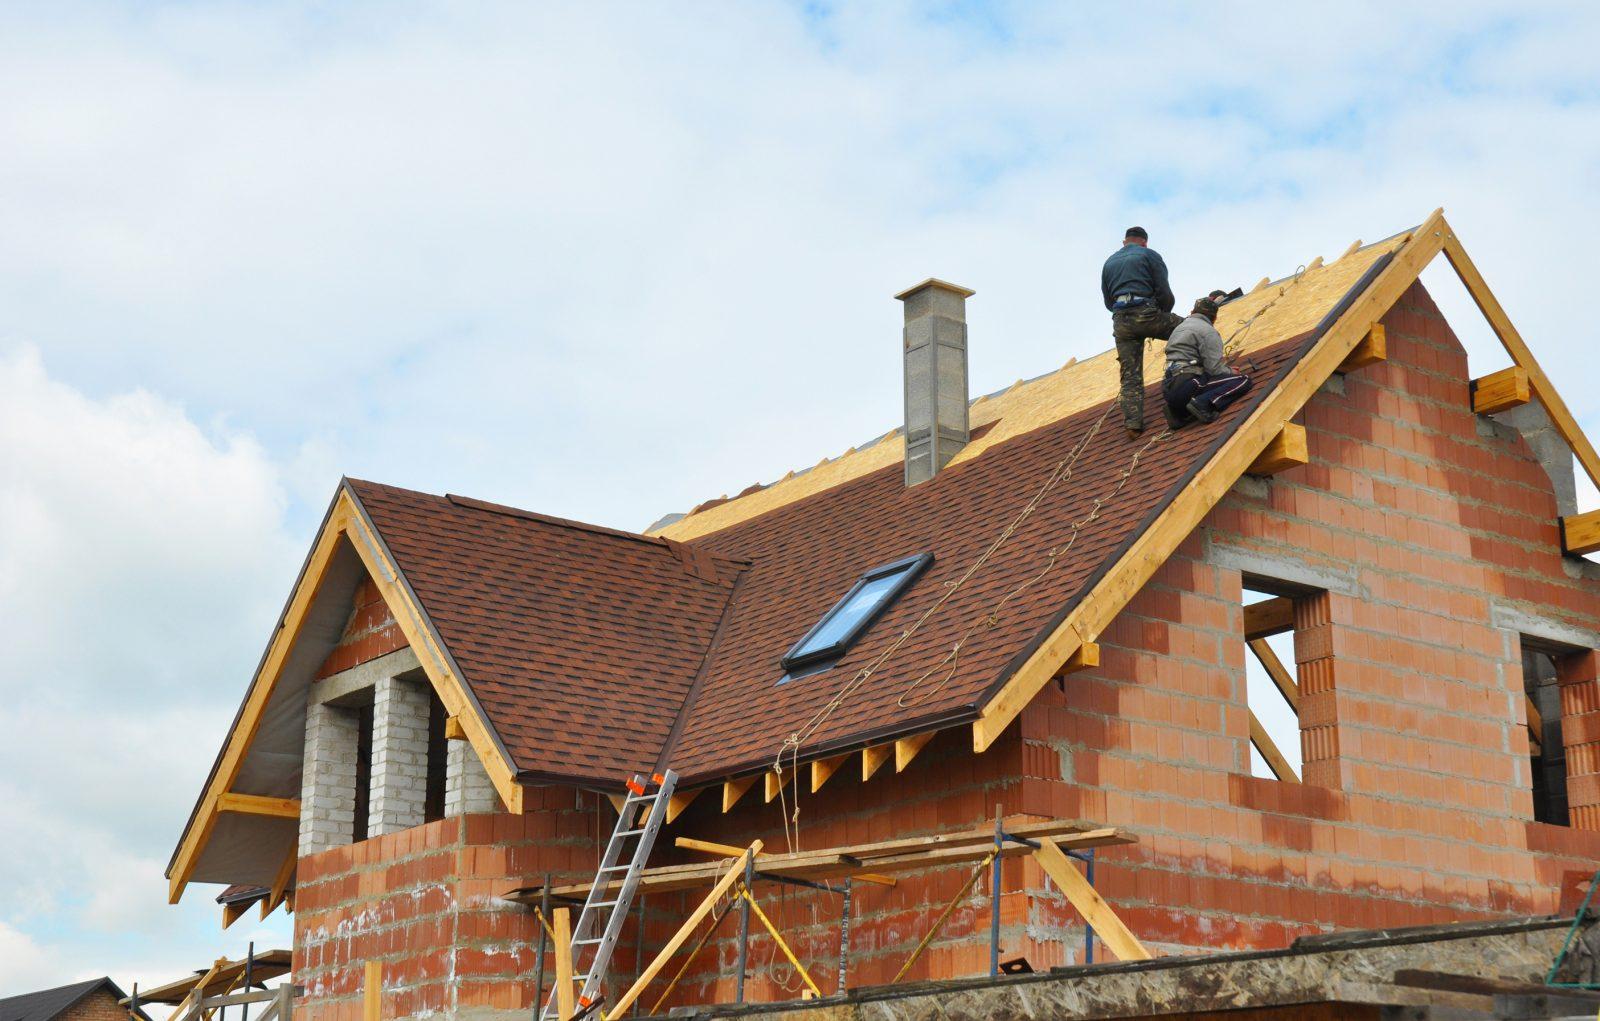 Bauträger sind verpflichtet, Baubeschreibung und Planungsunterlagen zu übergeben.